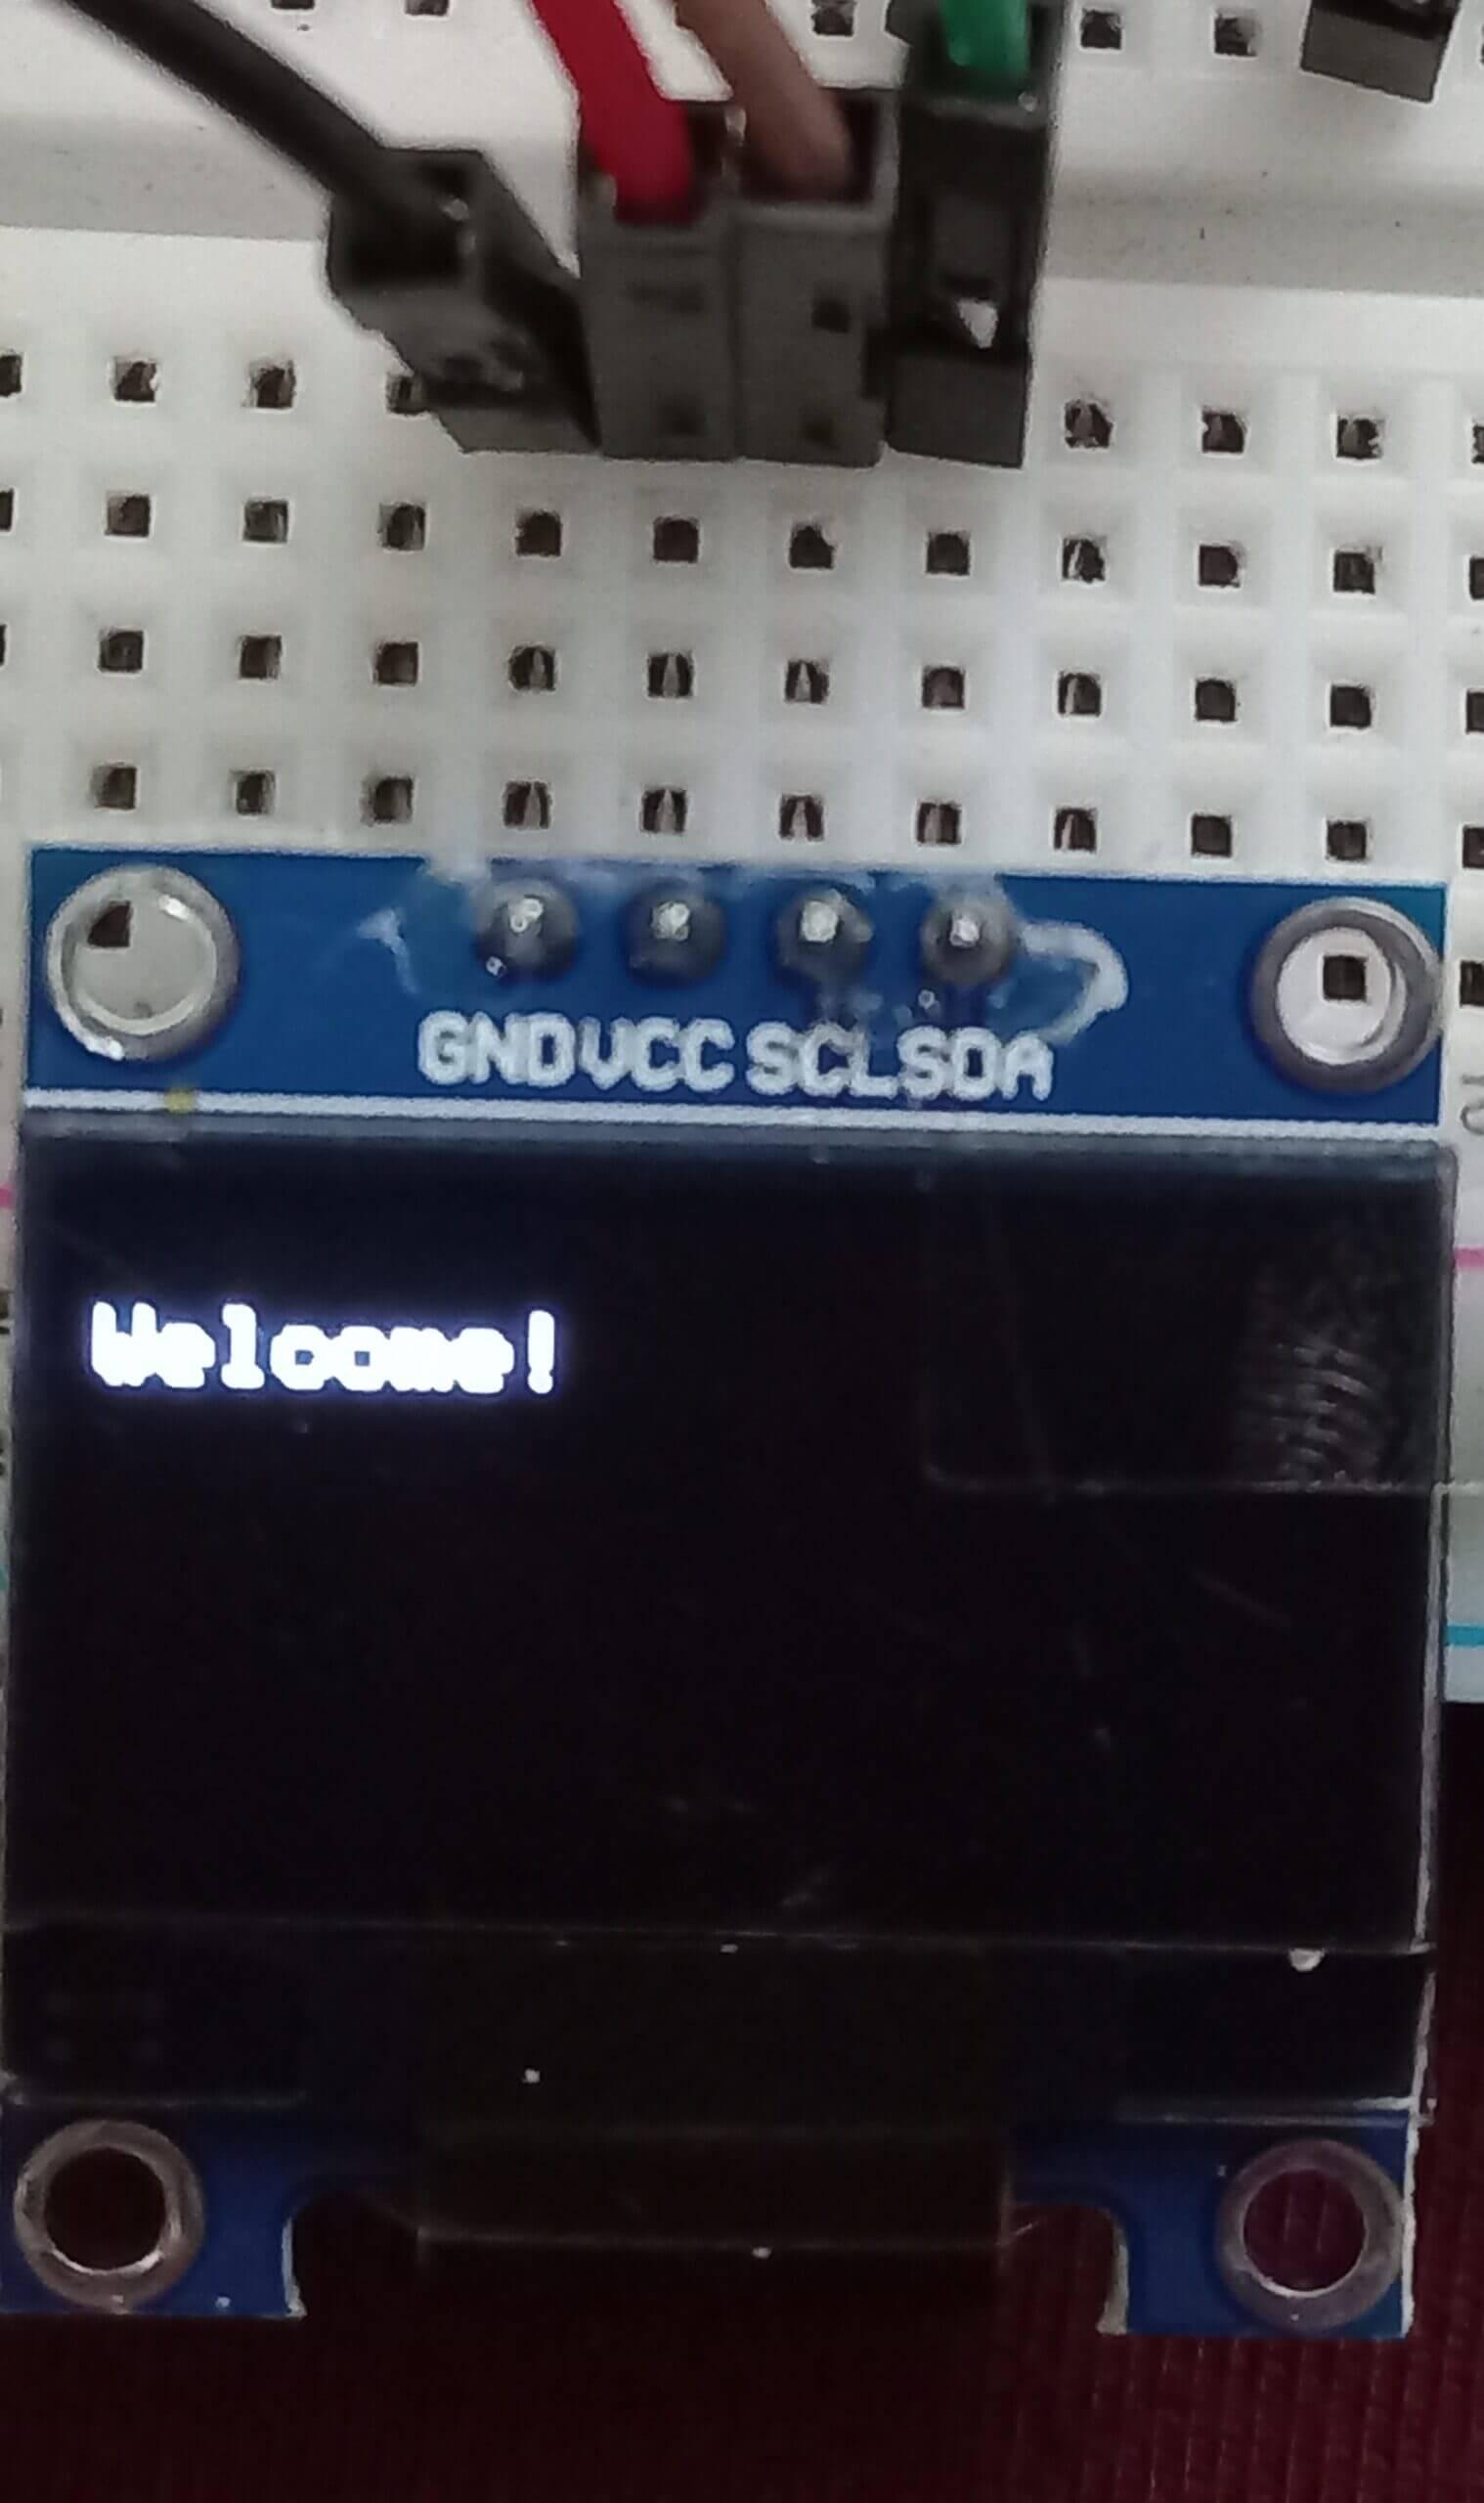 OLED display simple text